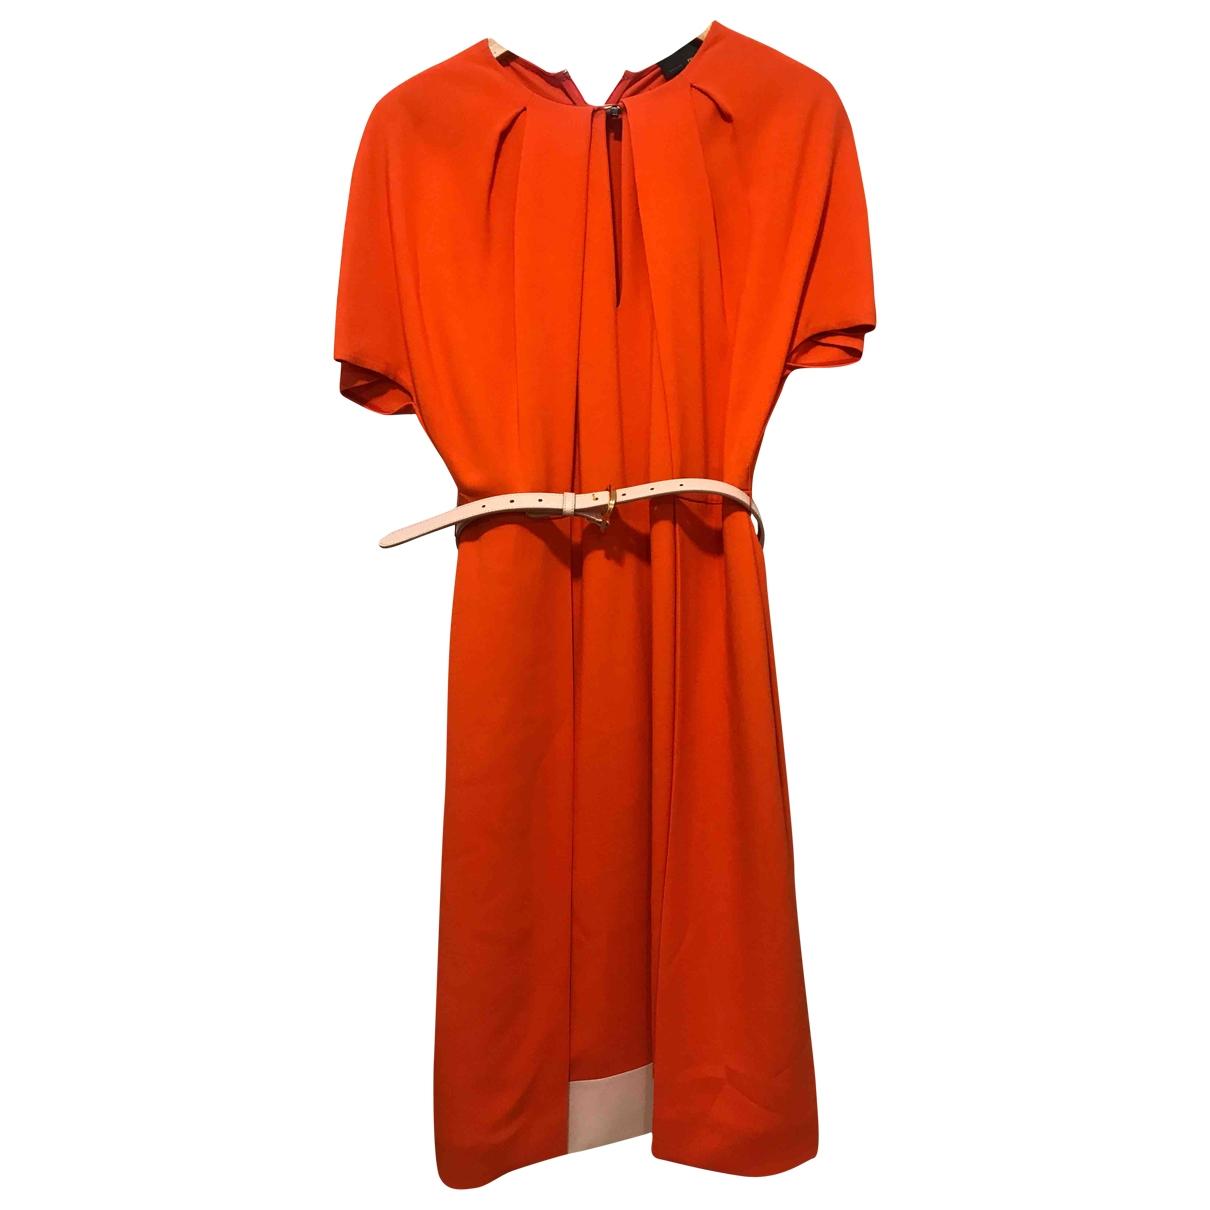 Fendi \N Orange dress for Women 44 IT